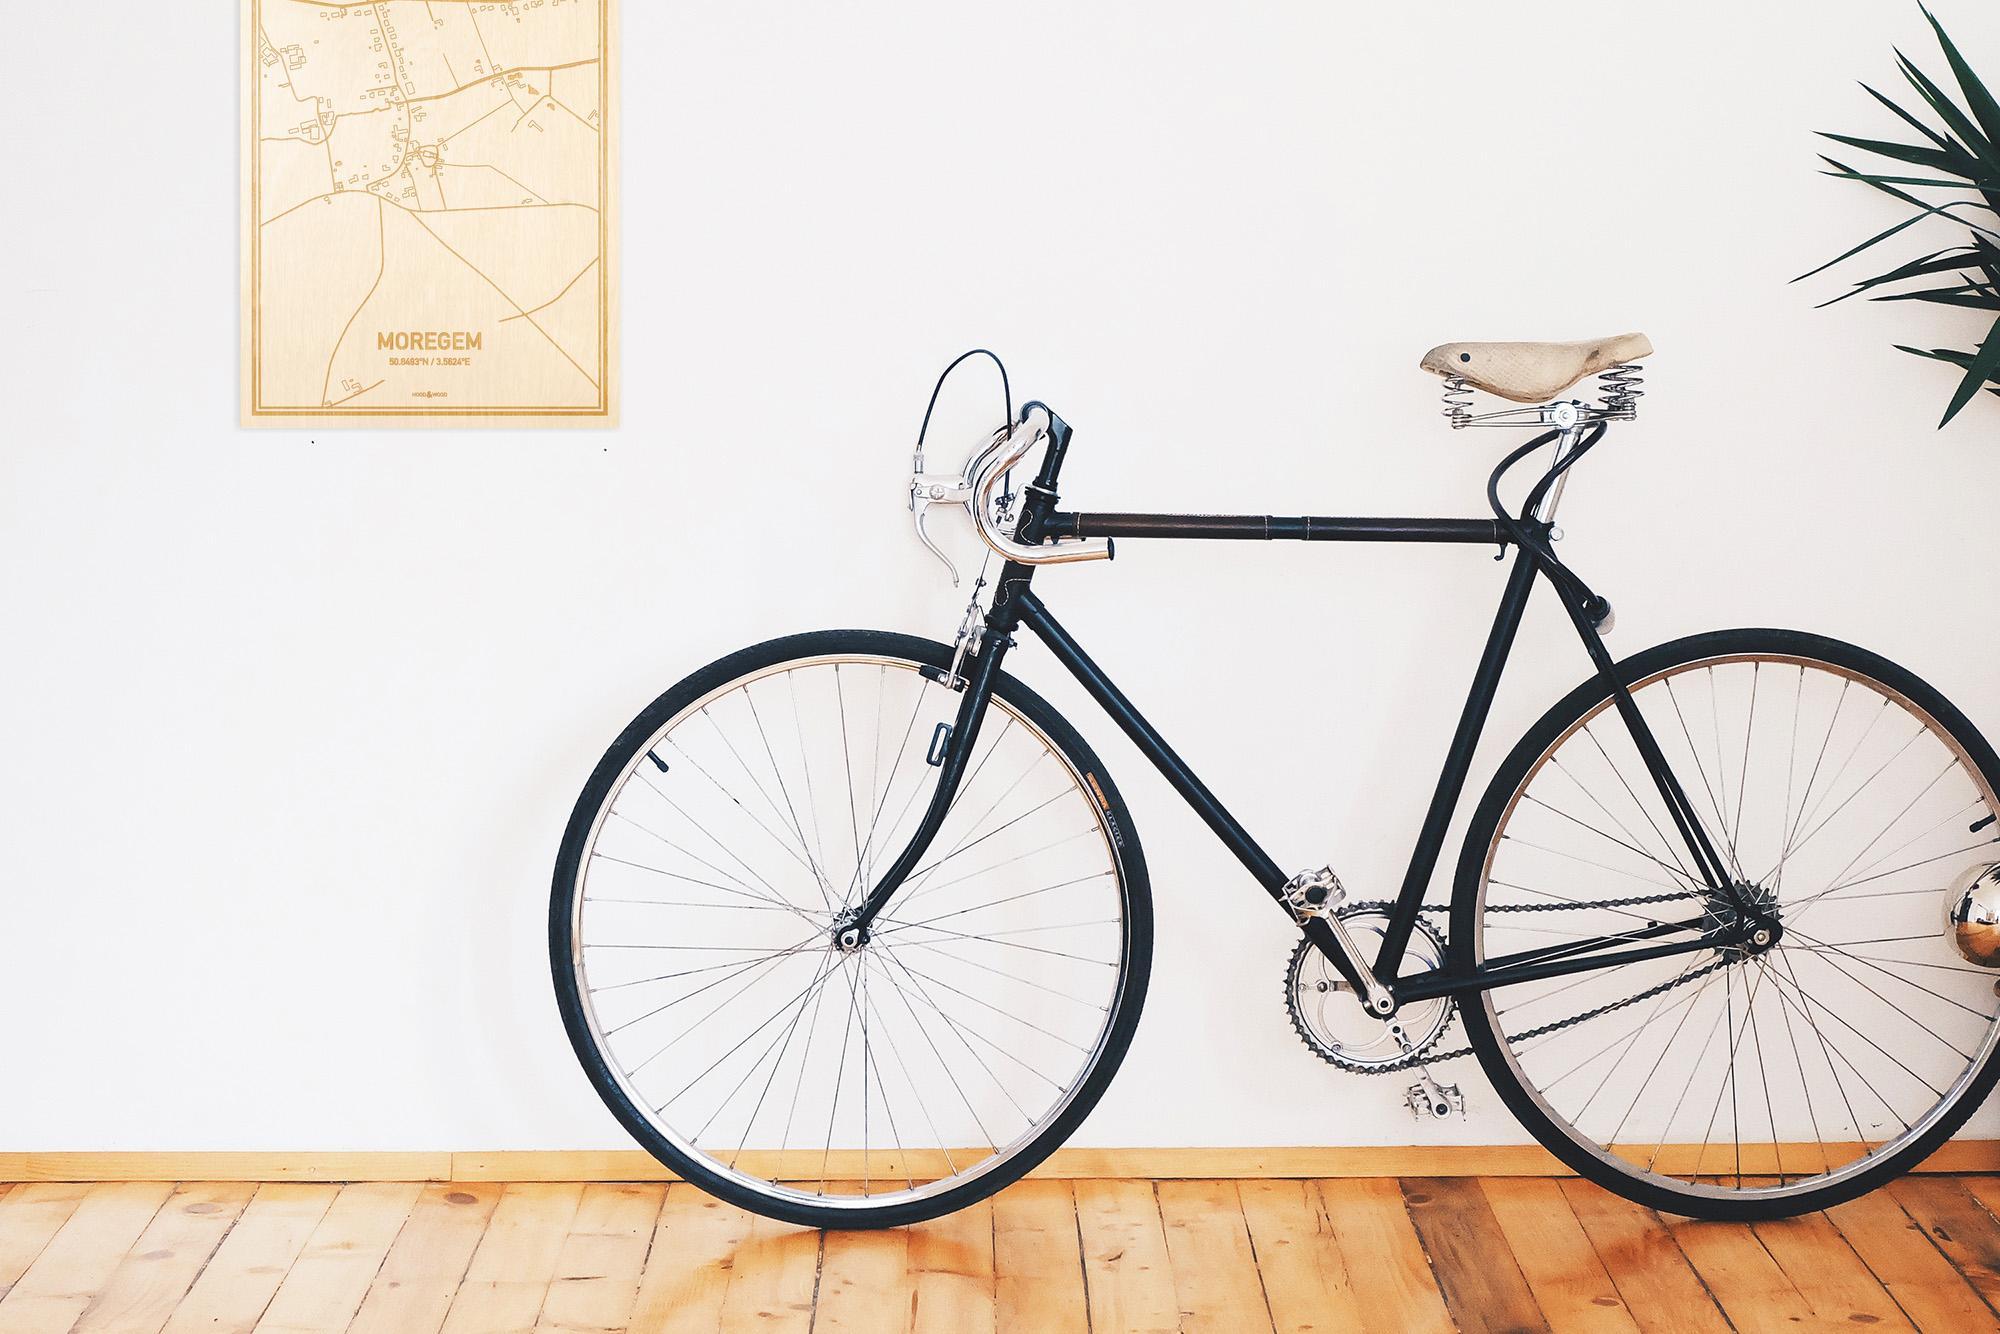 Een snelle fiets in een uniek interieur in Oost-Vlaanderen  met mooie decoratie zoals de plattegrond Moregem.